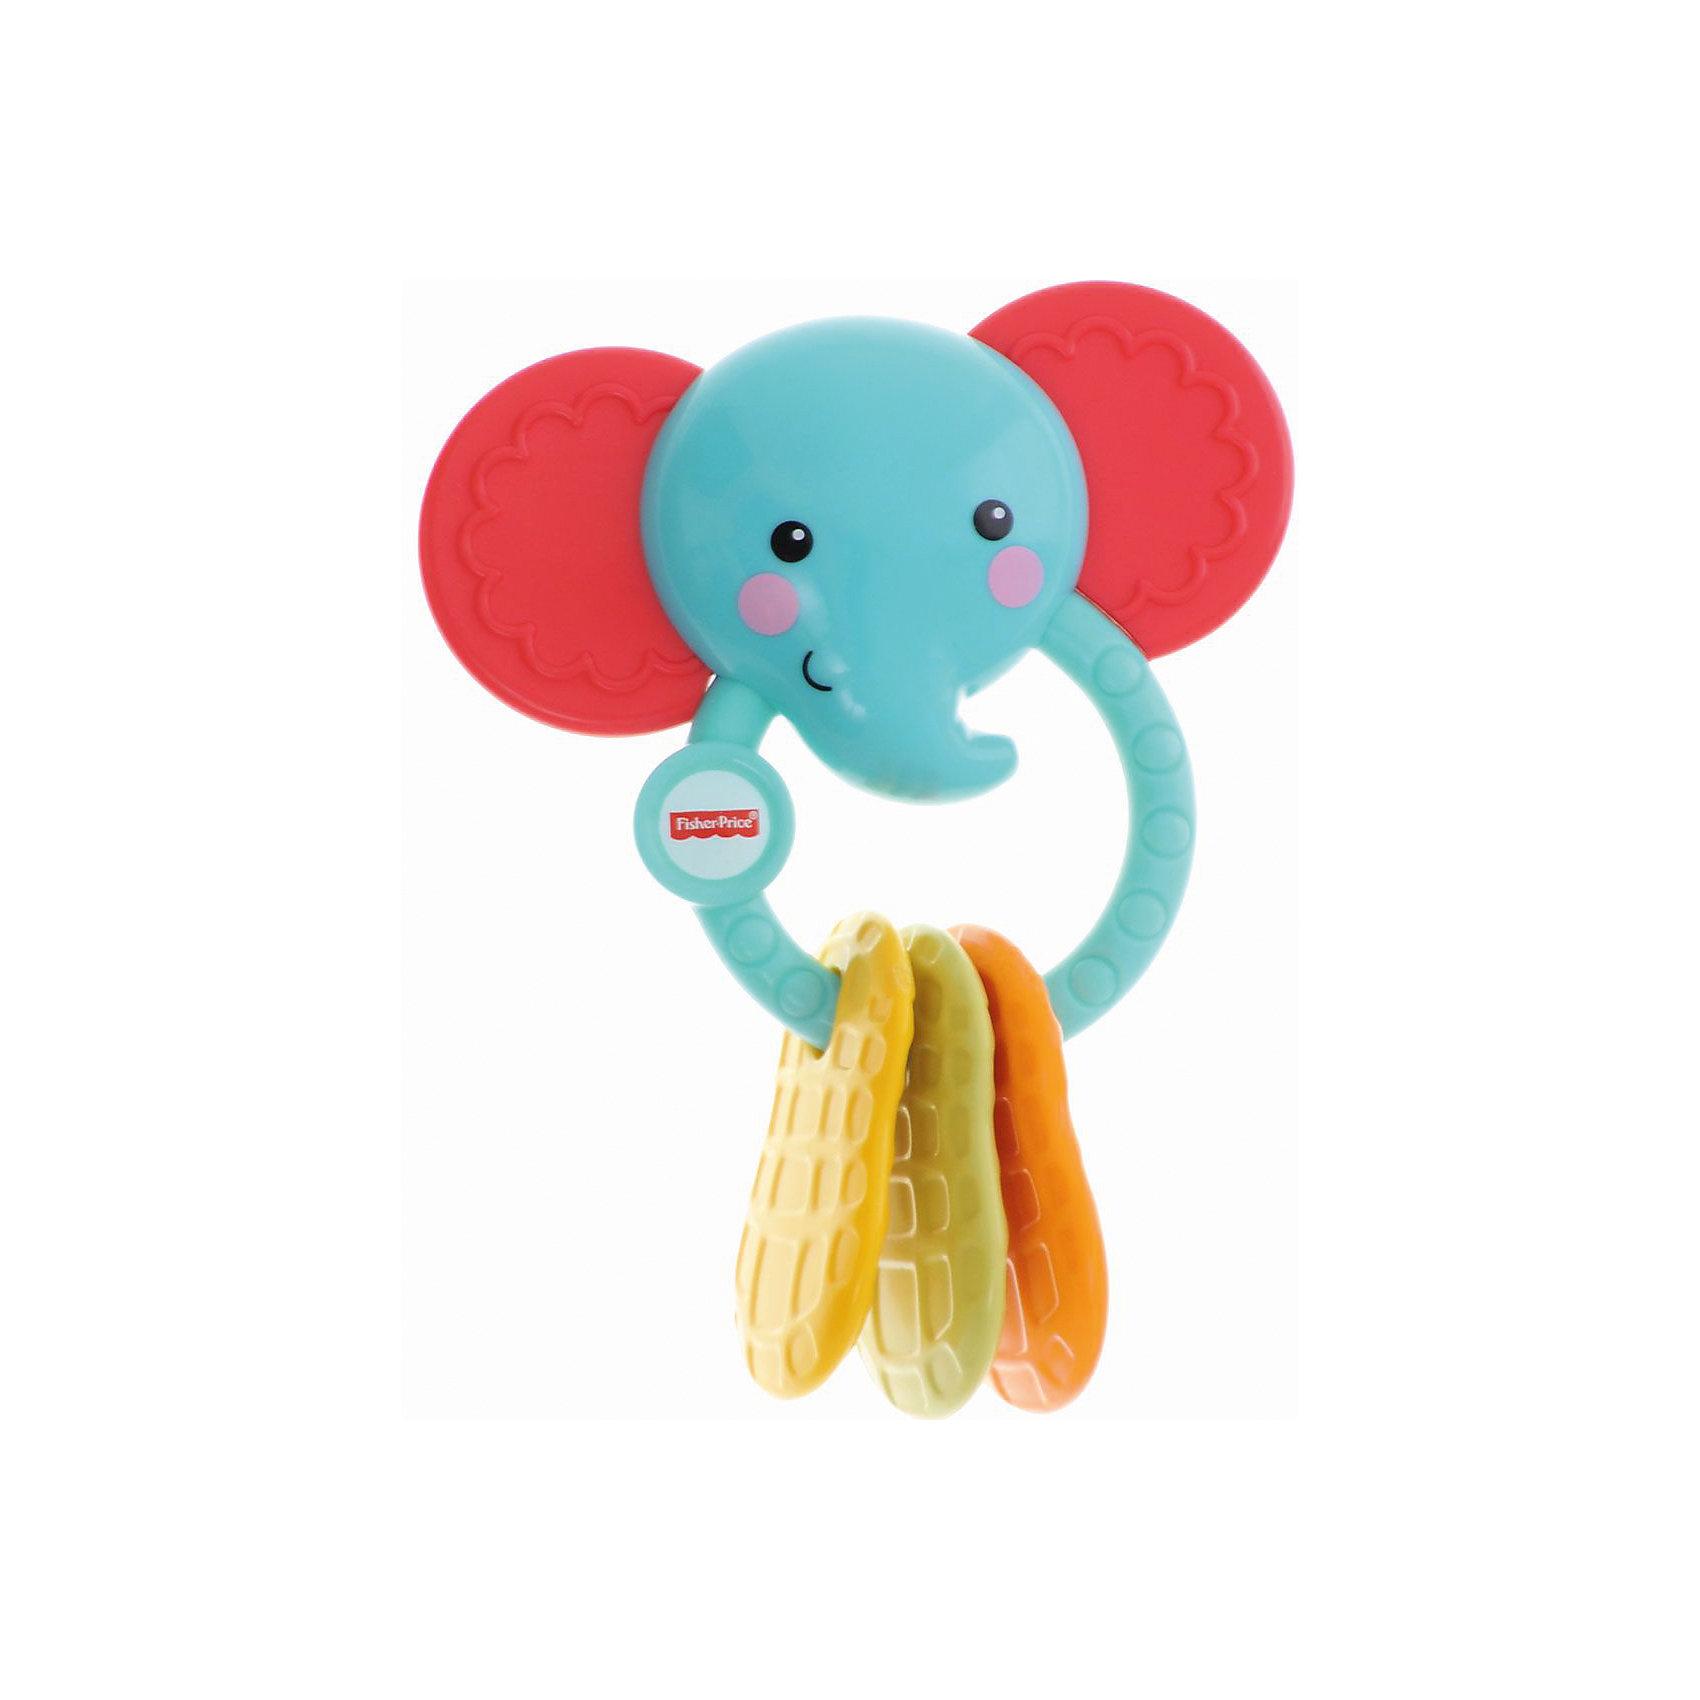 Погремушка-прорезыватель Fisher-PriceПрорезыватели<br>Отличный подарок ребенку - прорезыватель-погремушка от Fisher-Price. Она сделана в виде зверушек или насекомых  - это игрушечный друг из и прорезыватель одновременно! Такие предметы помогут успокоить малыша, когда у него режутся зубки. Некоторые детали можно грызть, а за колечко малышу будет удобно держать погремушку в руках. Такие предметы привлекают внимание малышей и занимают их. С помощью кольца прорезыватель легко крепится на кроватке и в коляске. Благодаря кольцу игрушку брать с собой куда угодно. Она - небольшого размера и весит совсем немного. <br>Игрушка имеет такой размер, при котором ребенку удобно держать её в руках, а также брать с собой в гости или на прогулку. Такие игрушки помогают развить мелкую моторику, логическое мышление и воображение ребенка, а также познавать окружающий мир. Эта игрушка выполнена из высококачественного материала, безопасного для детей.<br>  <br>Дополнительная информация:<br><br>цвет: разноцветный;<br>материал: пластик;<br>комплектация: с кольцом-держателем;<br>размер упаковки: 5х14х18 см;<br>вес: 150 г.<br><br>Погремушку-прорезыватель Fisher-Price от компании Mattel можно купить в нашем магазине.<br><br>Ширина мм: 50<br>Глубина мм: 140<br>Высота мм: 180<br>Вес г: 148<br>Возраст от месяцев: 3<br>Возраст до месяцев: 18<br>Пол: Унисекс<br>Возраст: Детский<br>SKU: 4791137